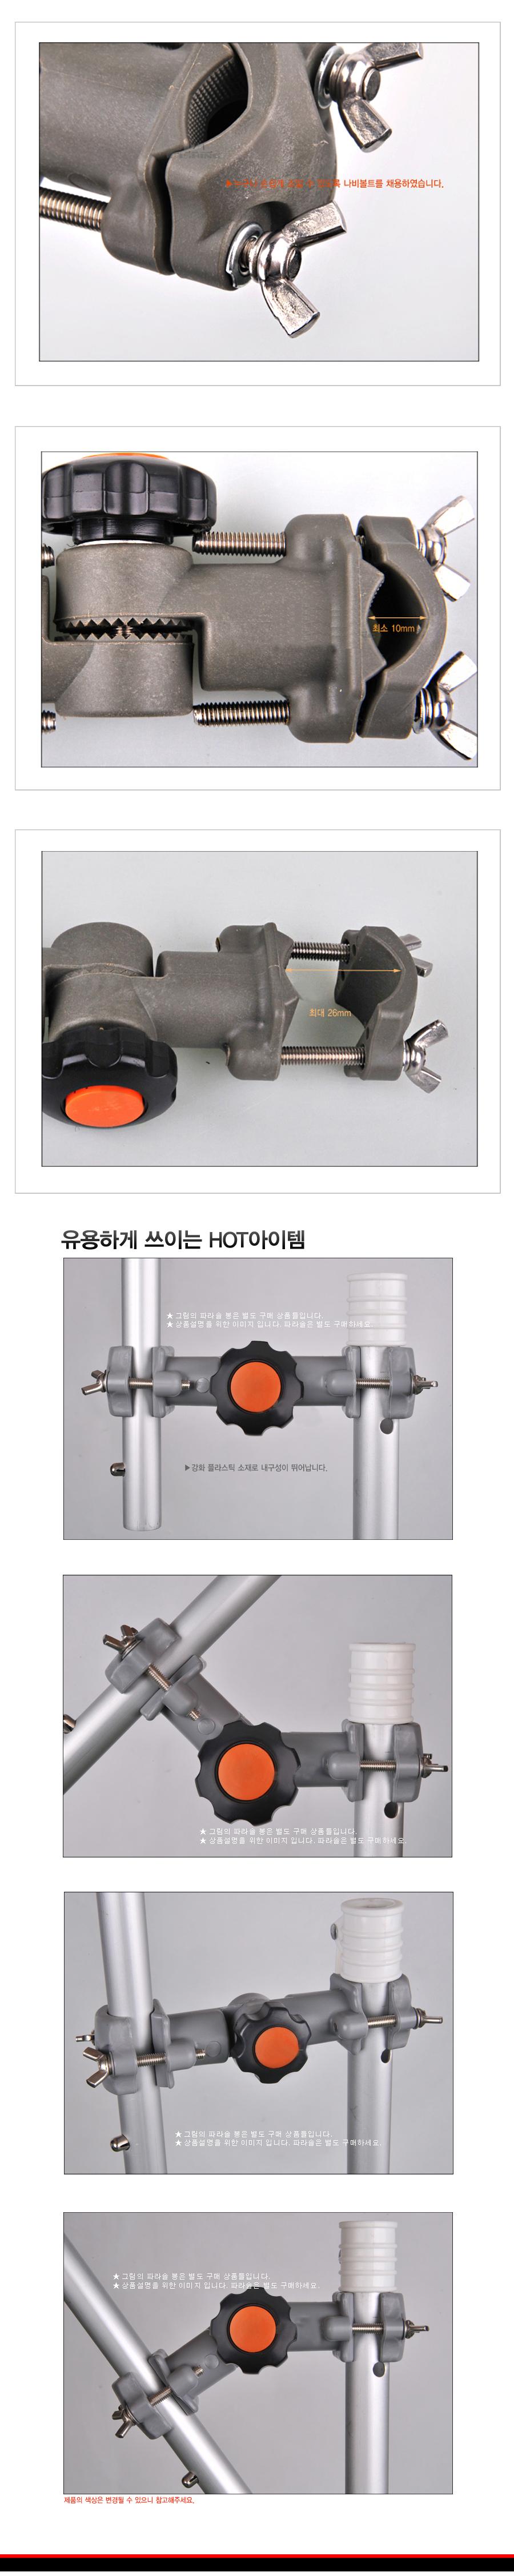 KLF 기어형 파라솔각도조절기 2way (최소10~최대26mm) 기어형 파라솔 각도조절 홀더기 2웨이 투웨이 파라솔키퍼